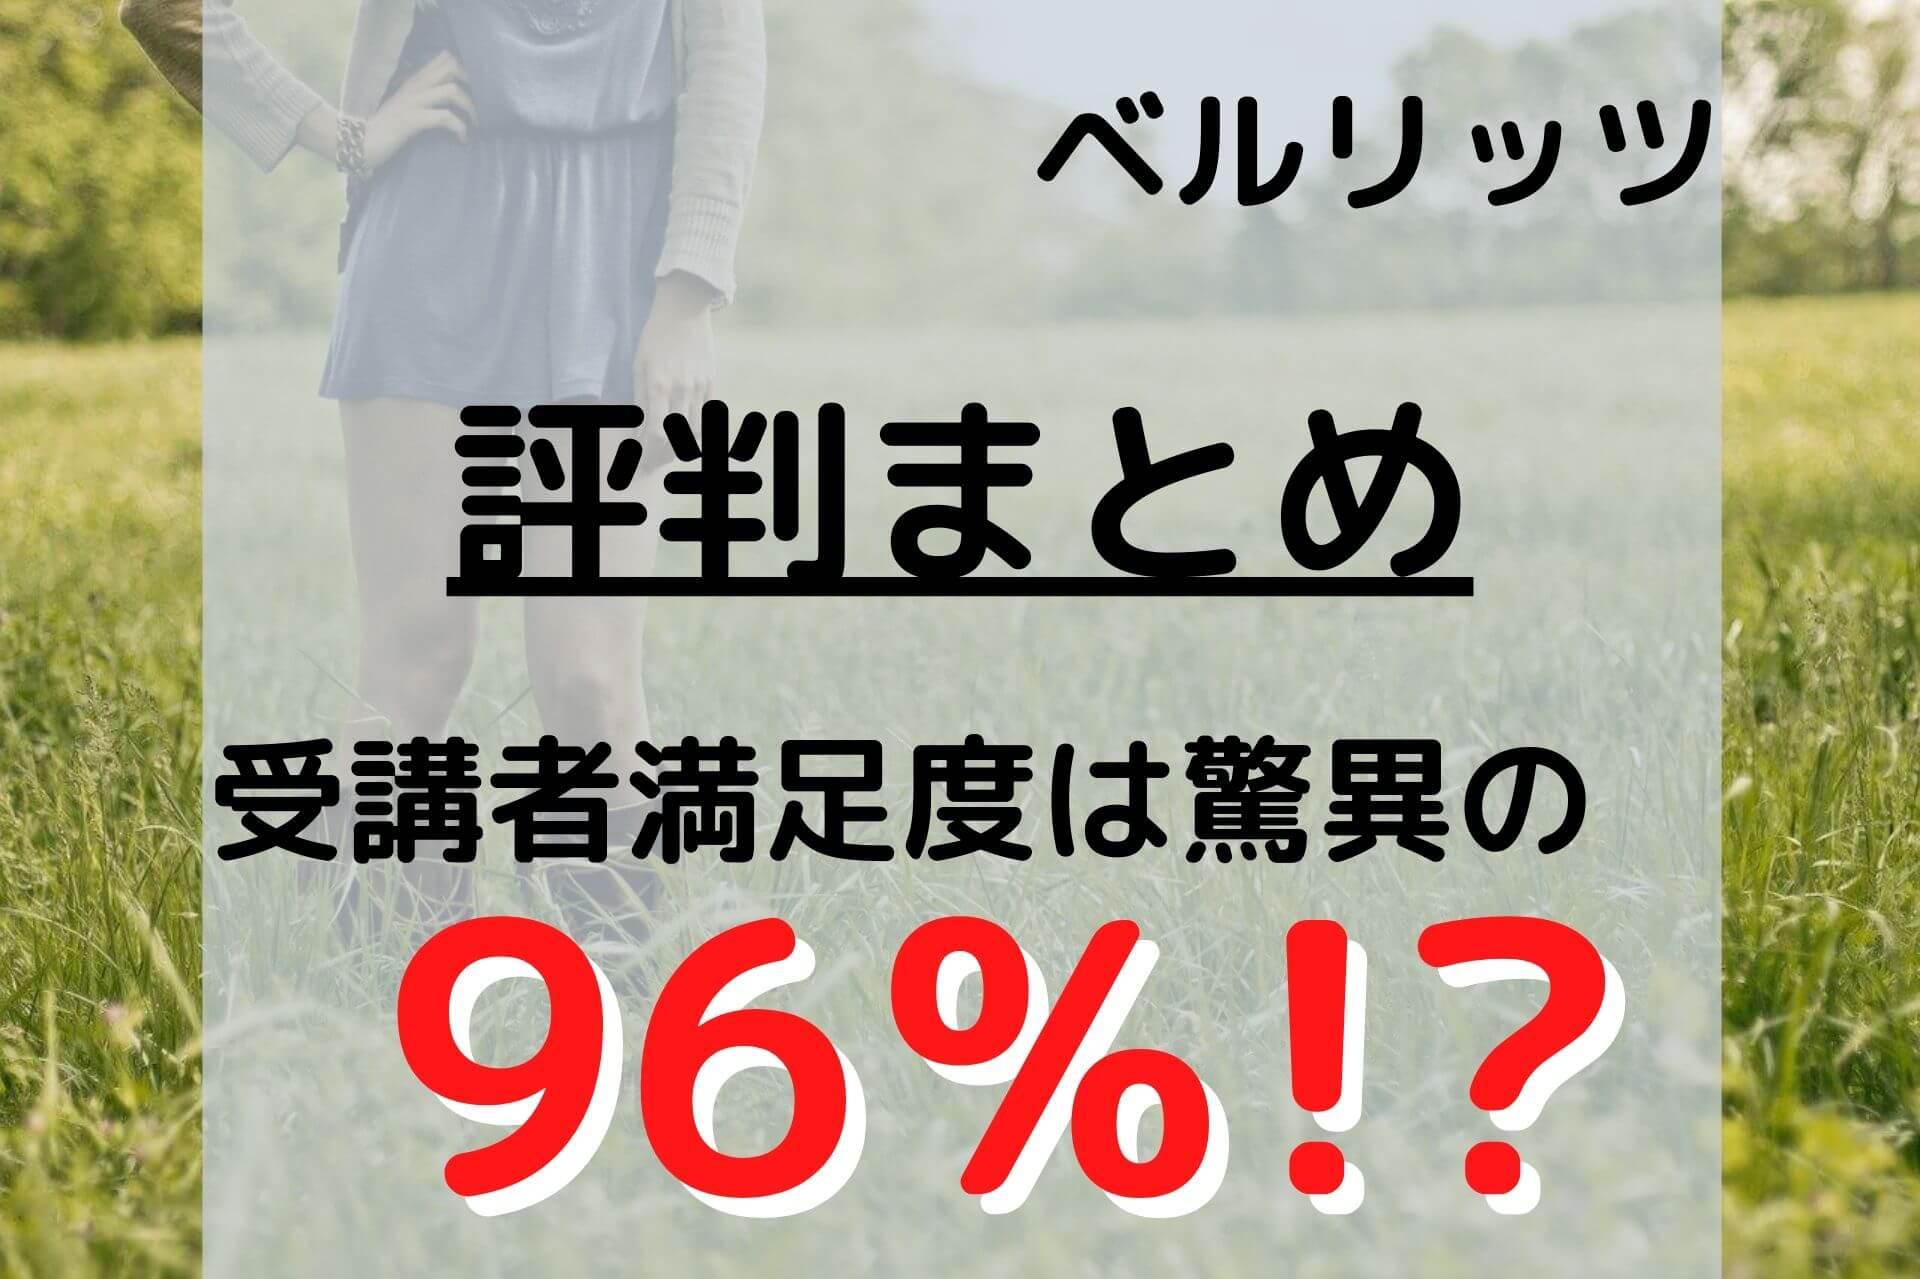 『 【ベルリッツ評判まとめ】受講者満足度は驚異の96.6%!? ベルリッツの紹介画像』記事のアイキャッチ画像